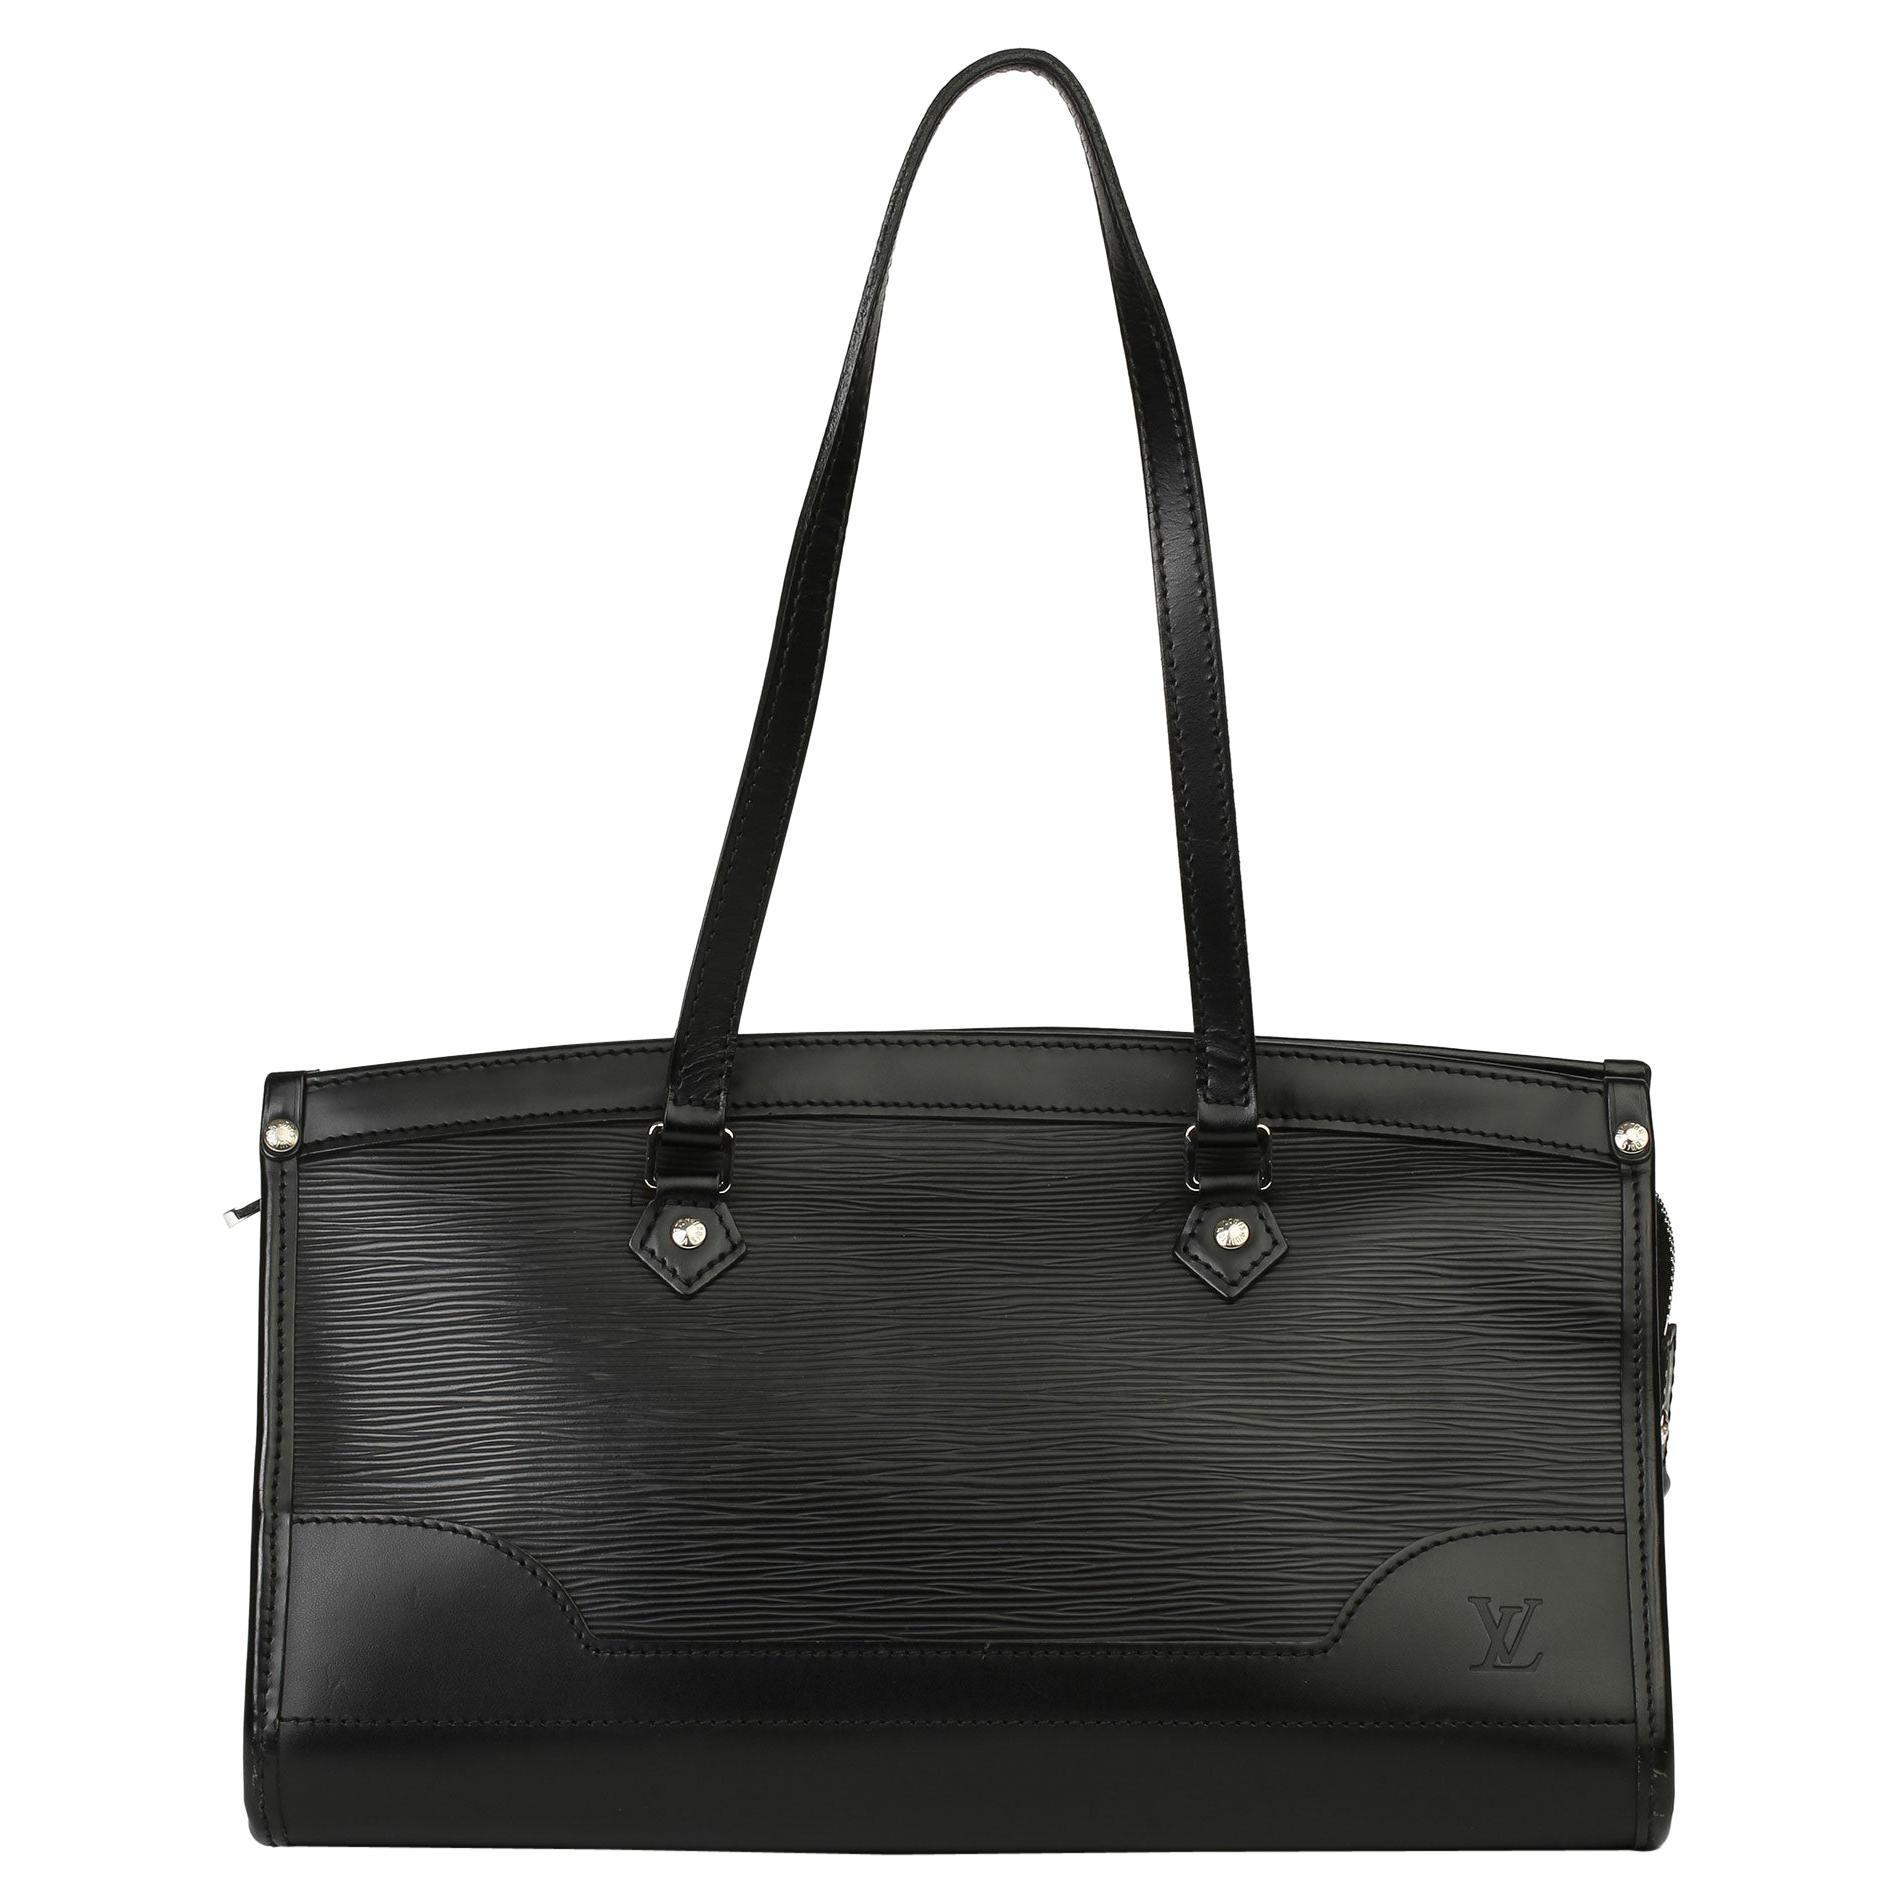 2007 Louis Vuitton Black Epi Leather Madeline